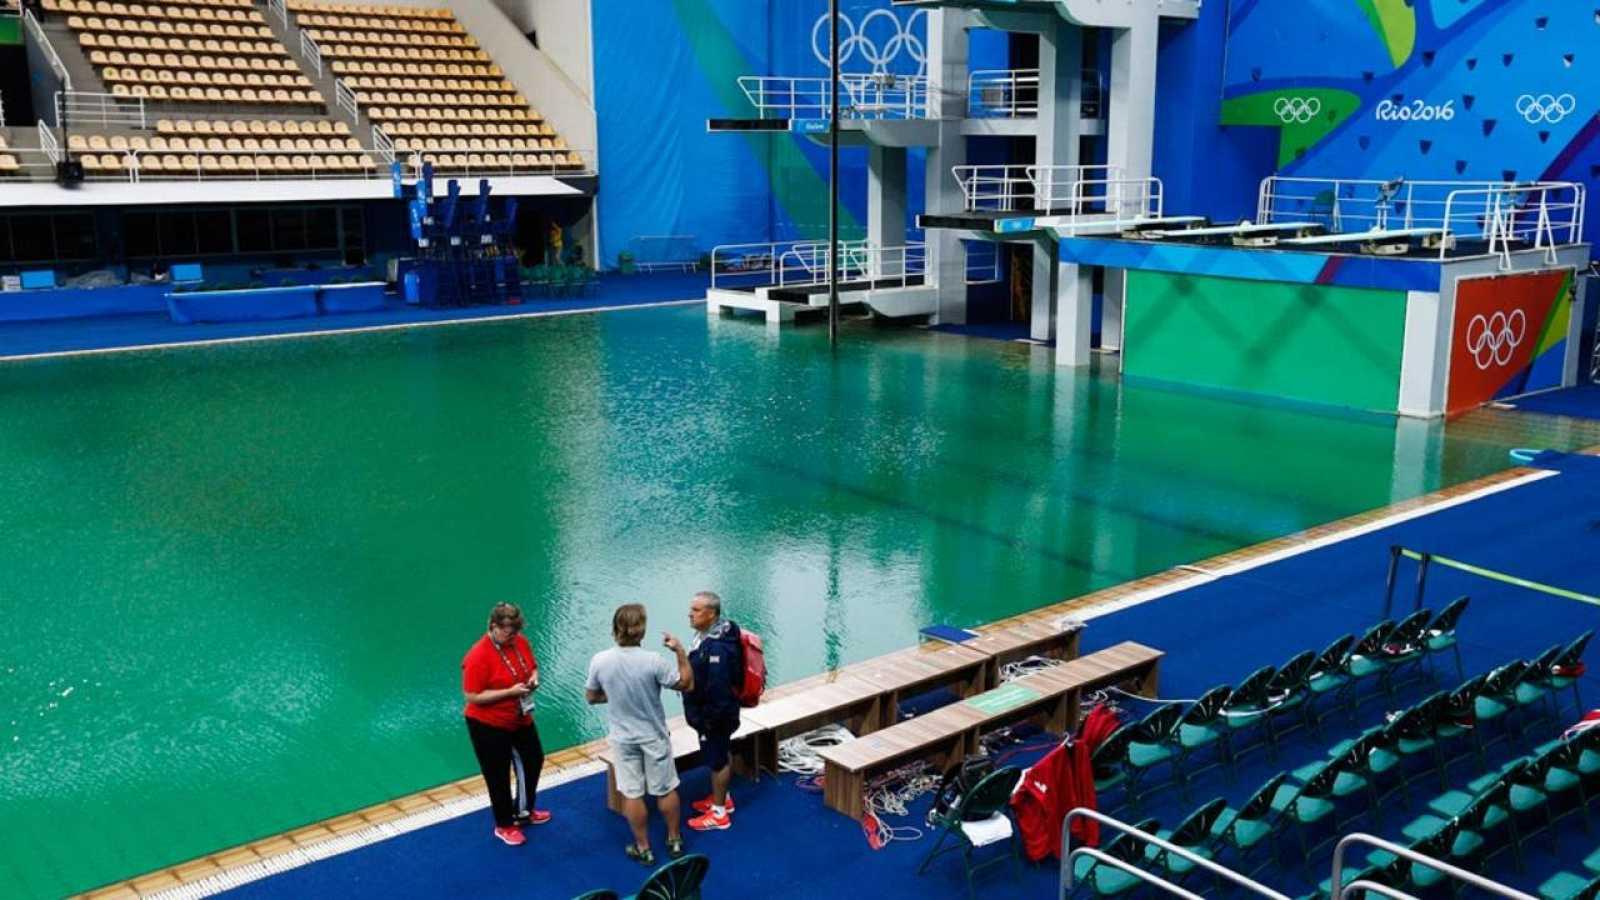 Imagen de la piscina de saltos, con el característico color verdoso